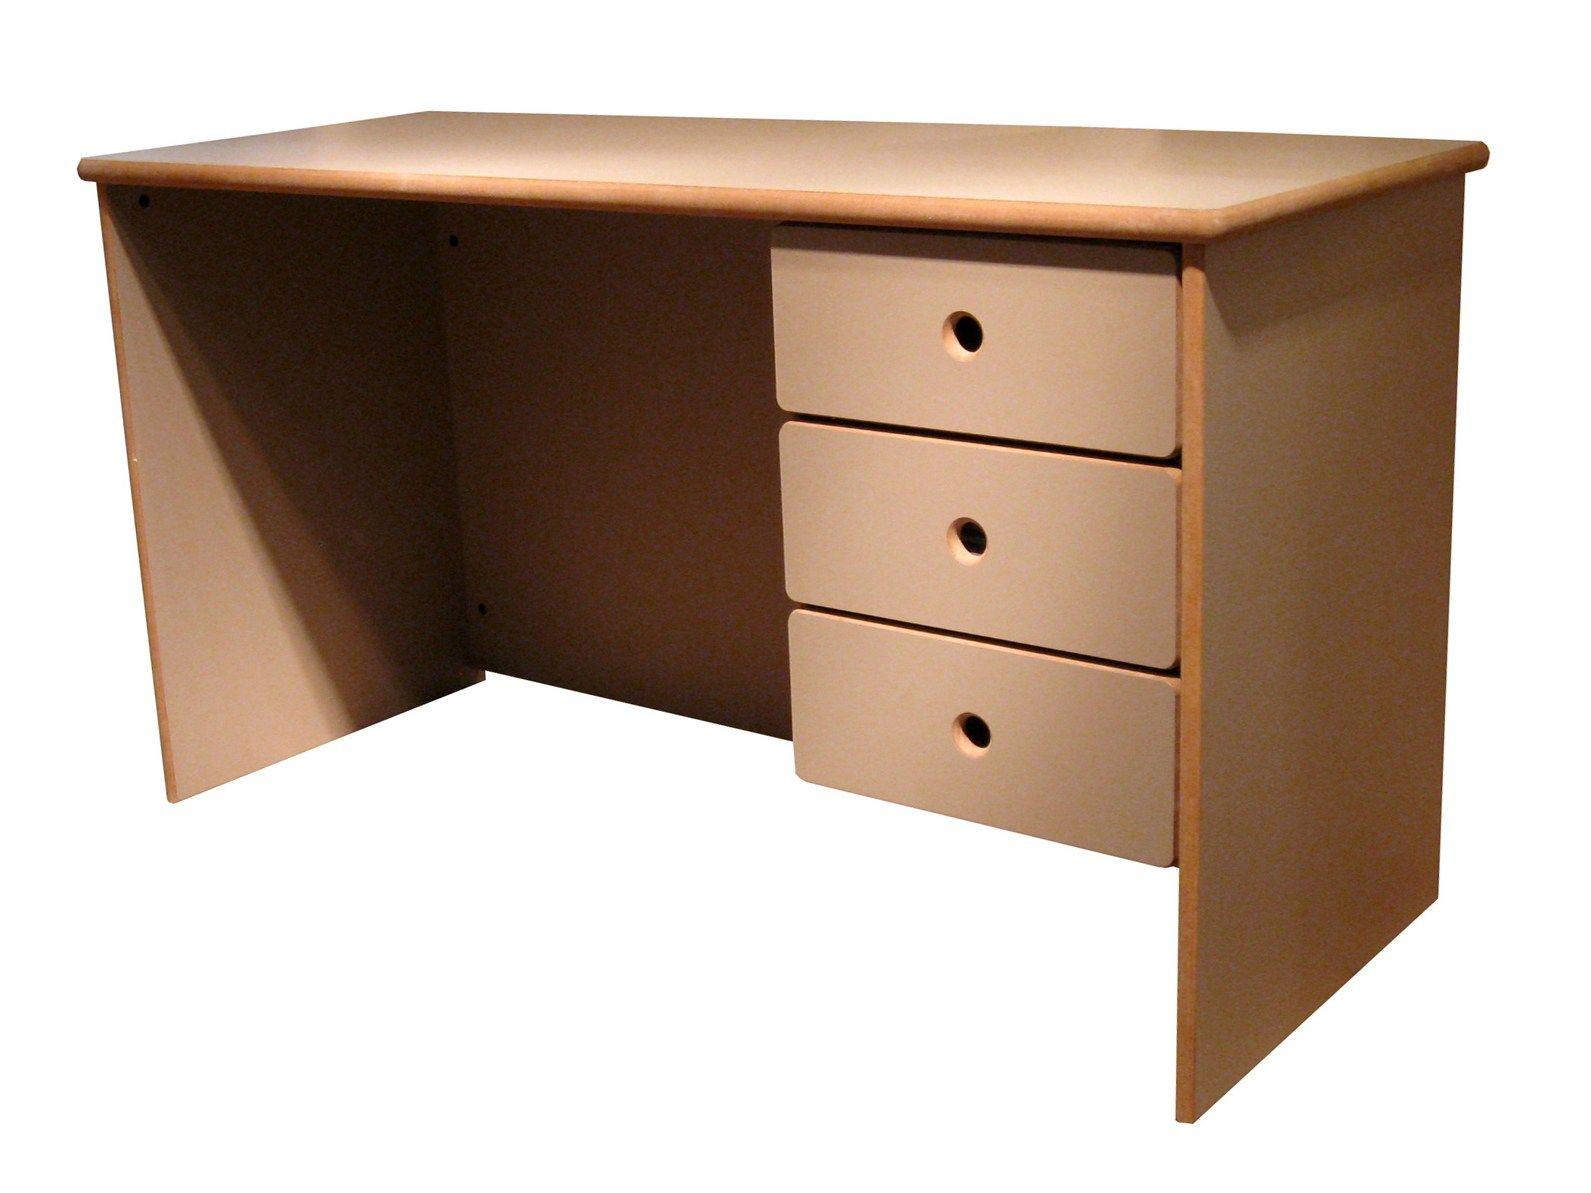 David escritorio con cajones by mathy by bols dise o david - Mesa escritorio con cajones ...